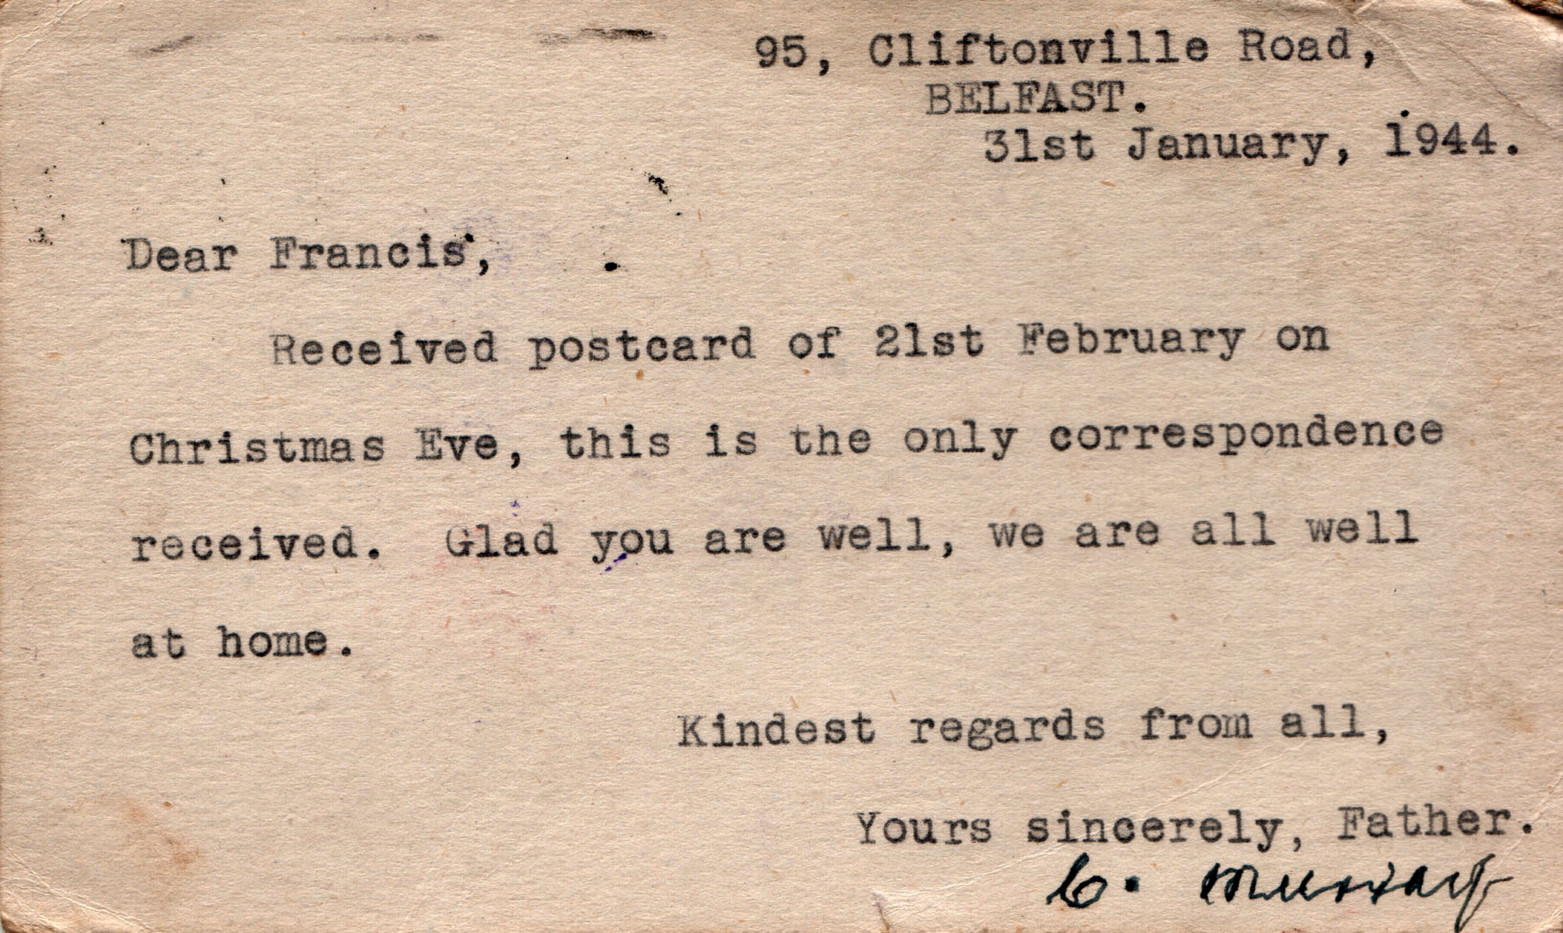 1944.01.31. Charles Murray